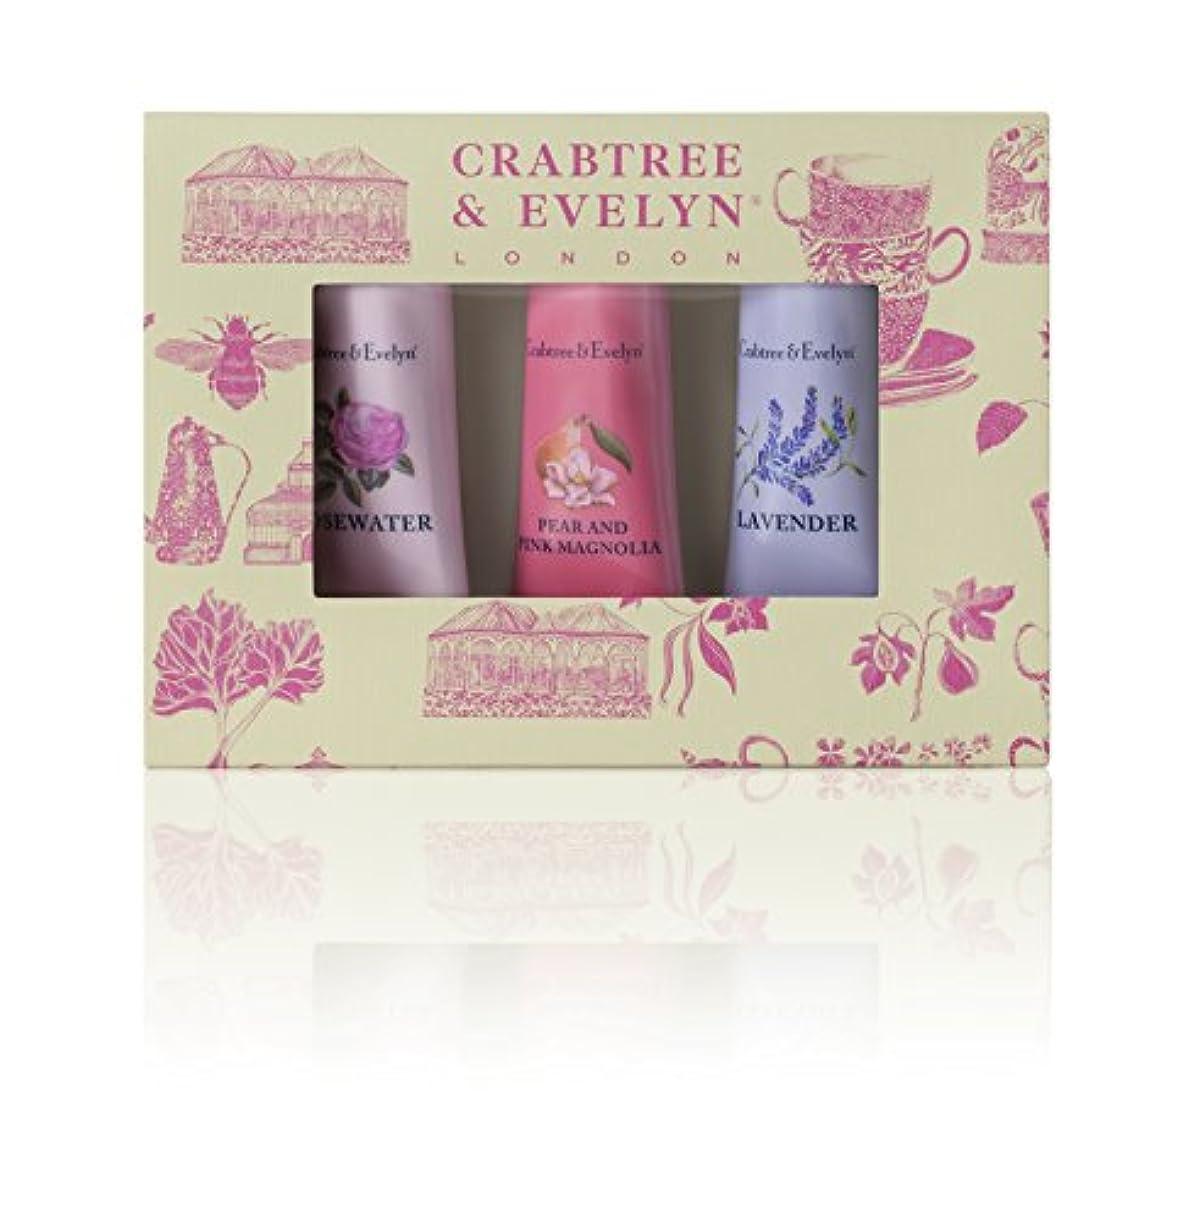 ブル不十分な買い物に行くクラブツリー&イヴリン Florals Hand Therapy Set (1x Pear & Pink Magnolia, 1x Rosewater, 1x Lavender) 3x25g/0.9oz並行輸入品